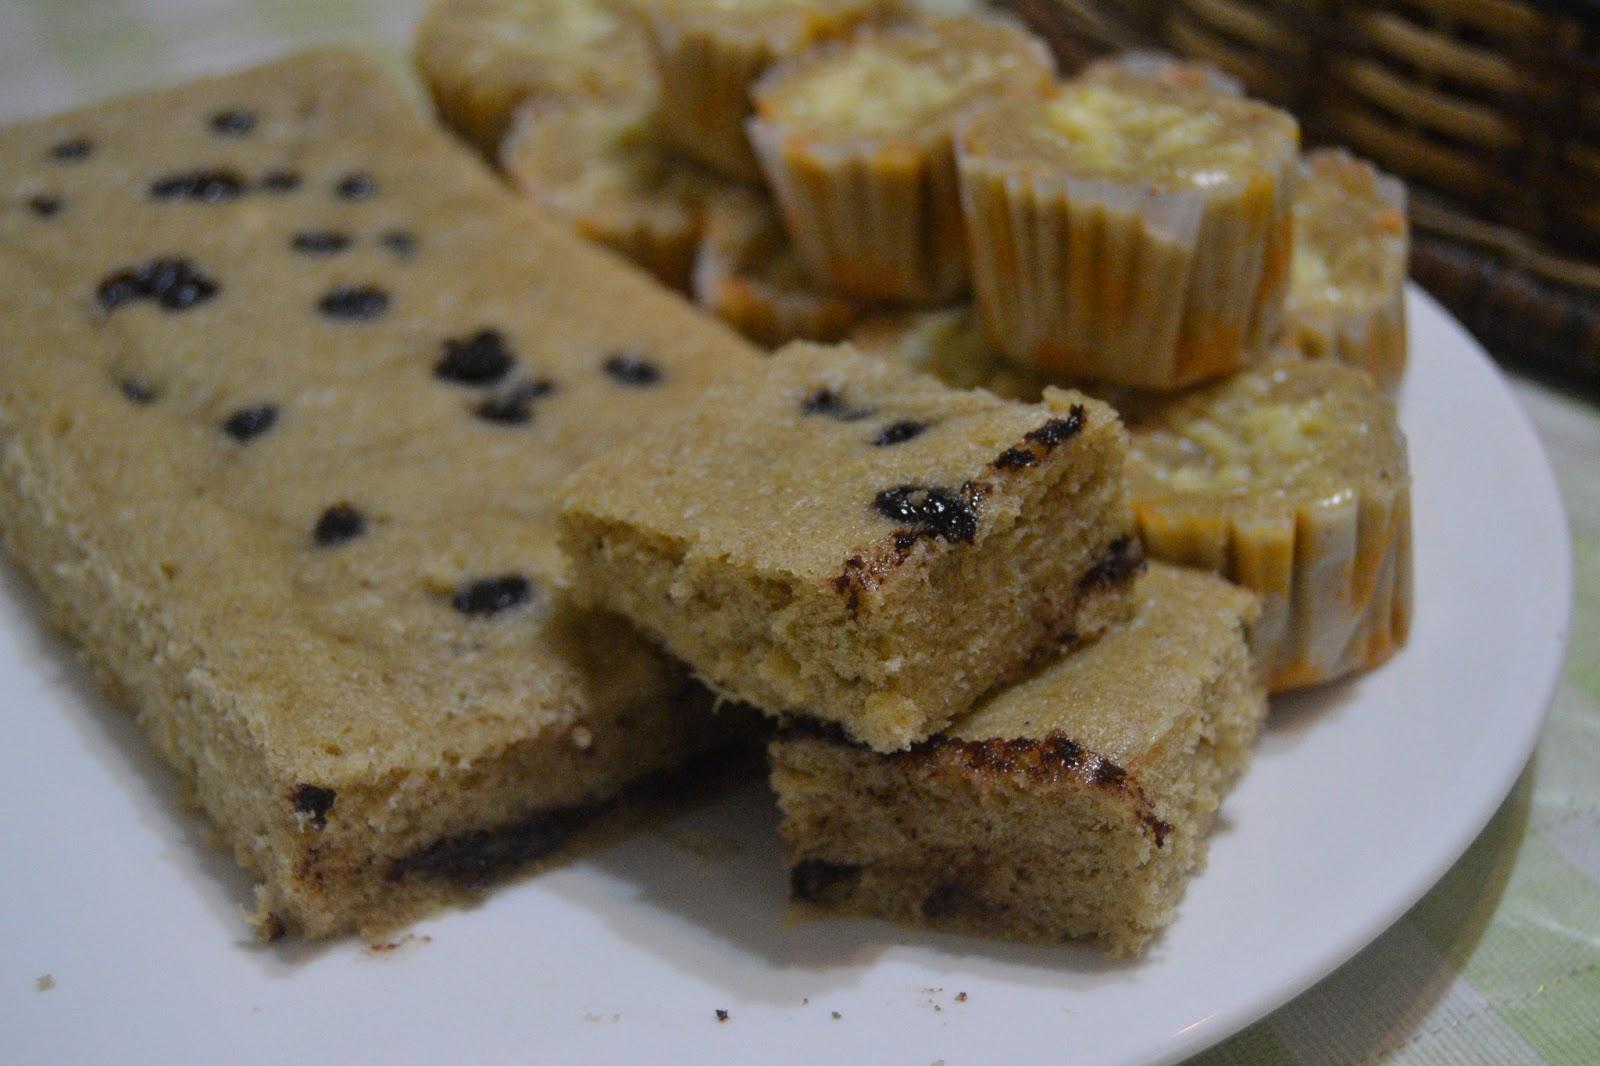 Resep Cake Kukus Kentang: Resep Cake Kukus Pisang Enak